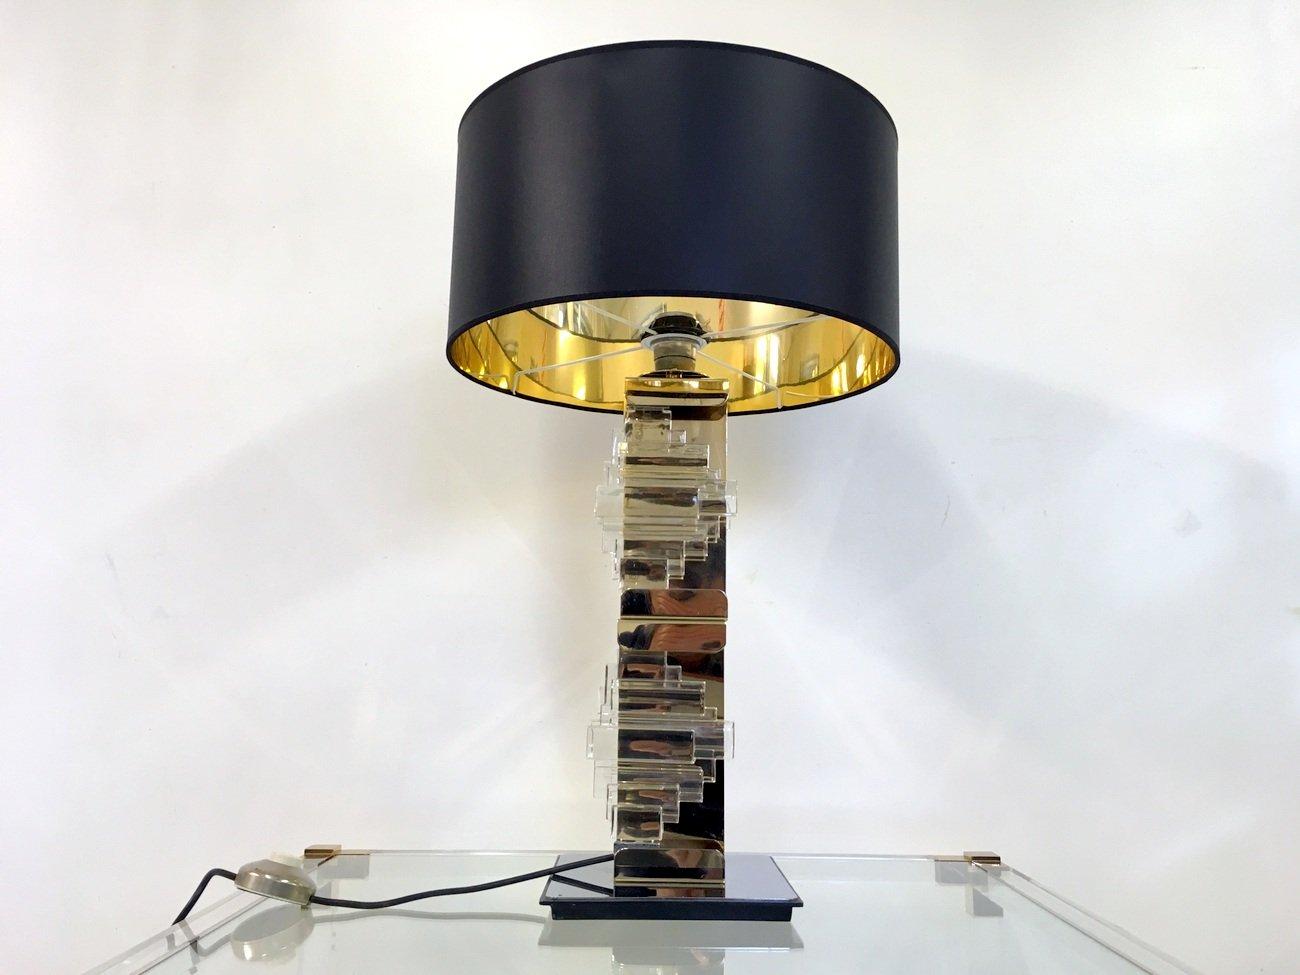 Lampada da tavolo vintage in ottone metallo cromato e - Lampada da tavolo vintage ...